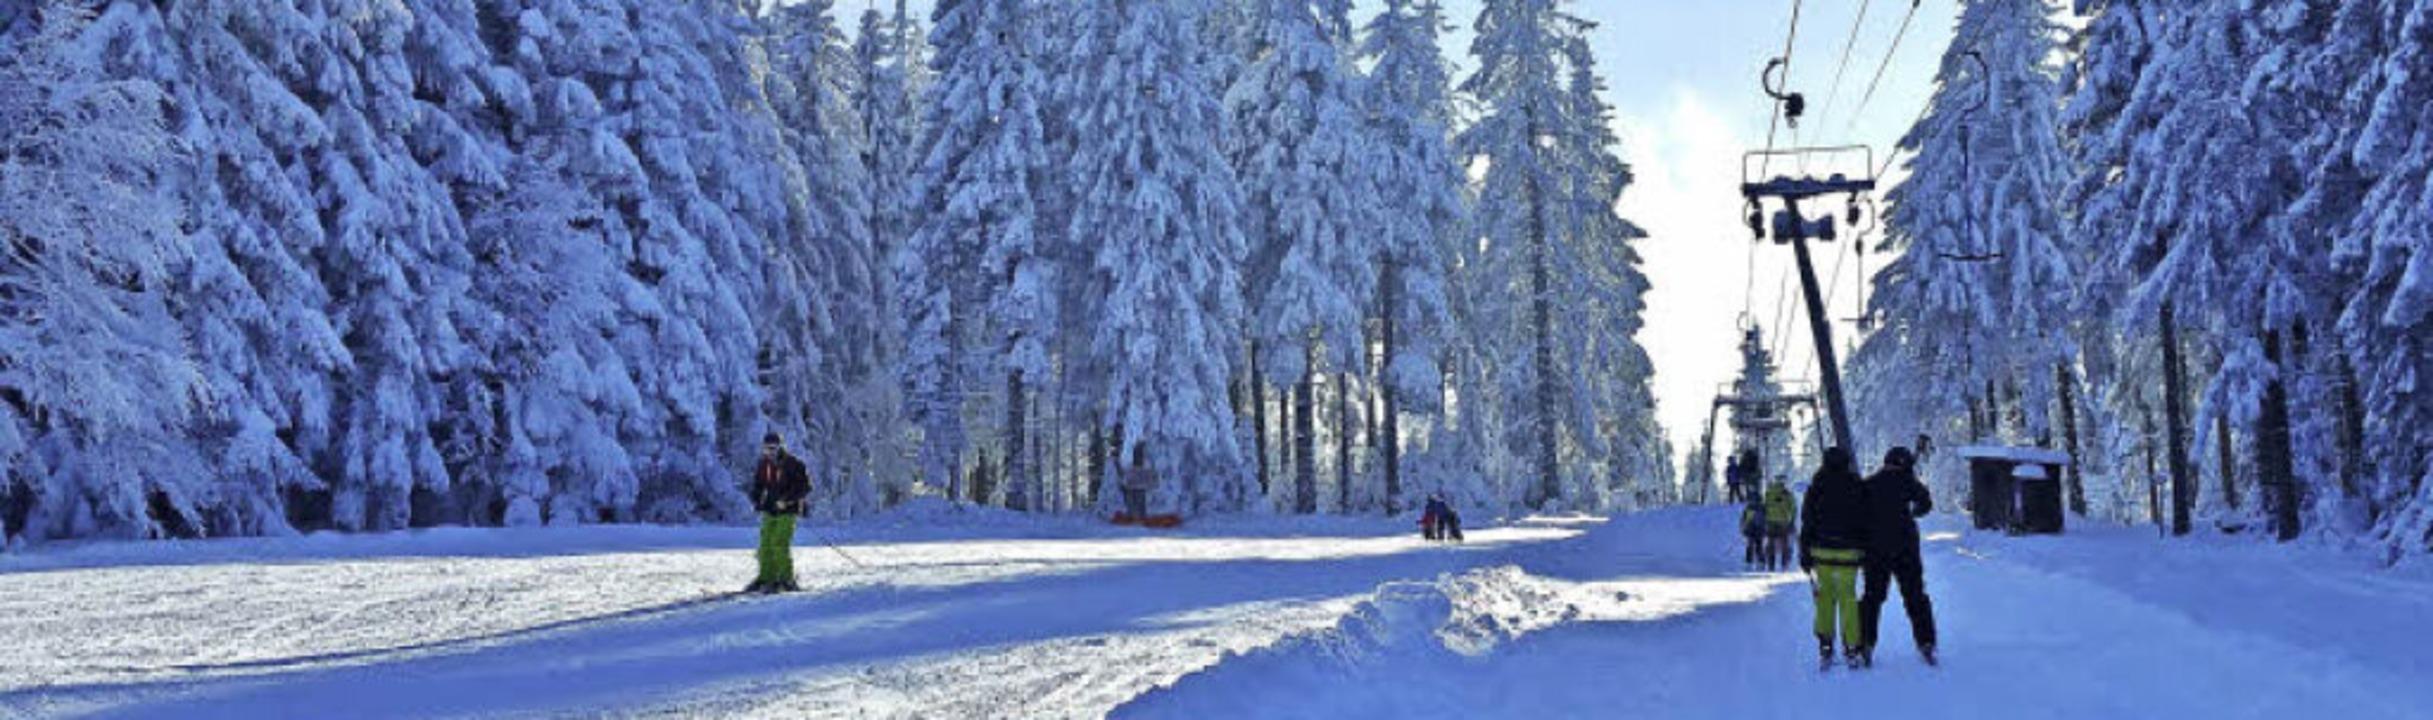 Ein Geheimtipp sowohl für alpine Skifa...h wie selten schon viel Neuschnee hat.  | Foto: Raimund Haaf